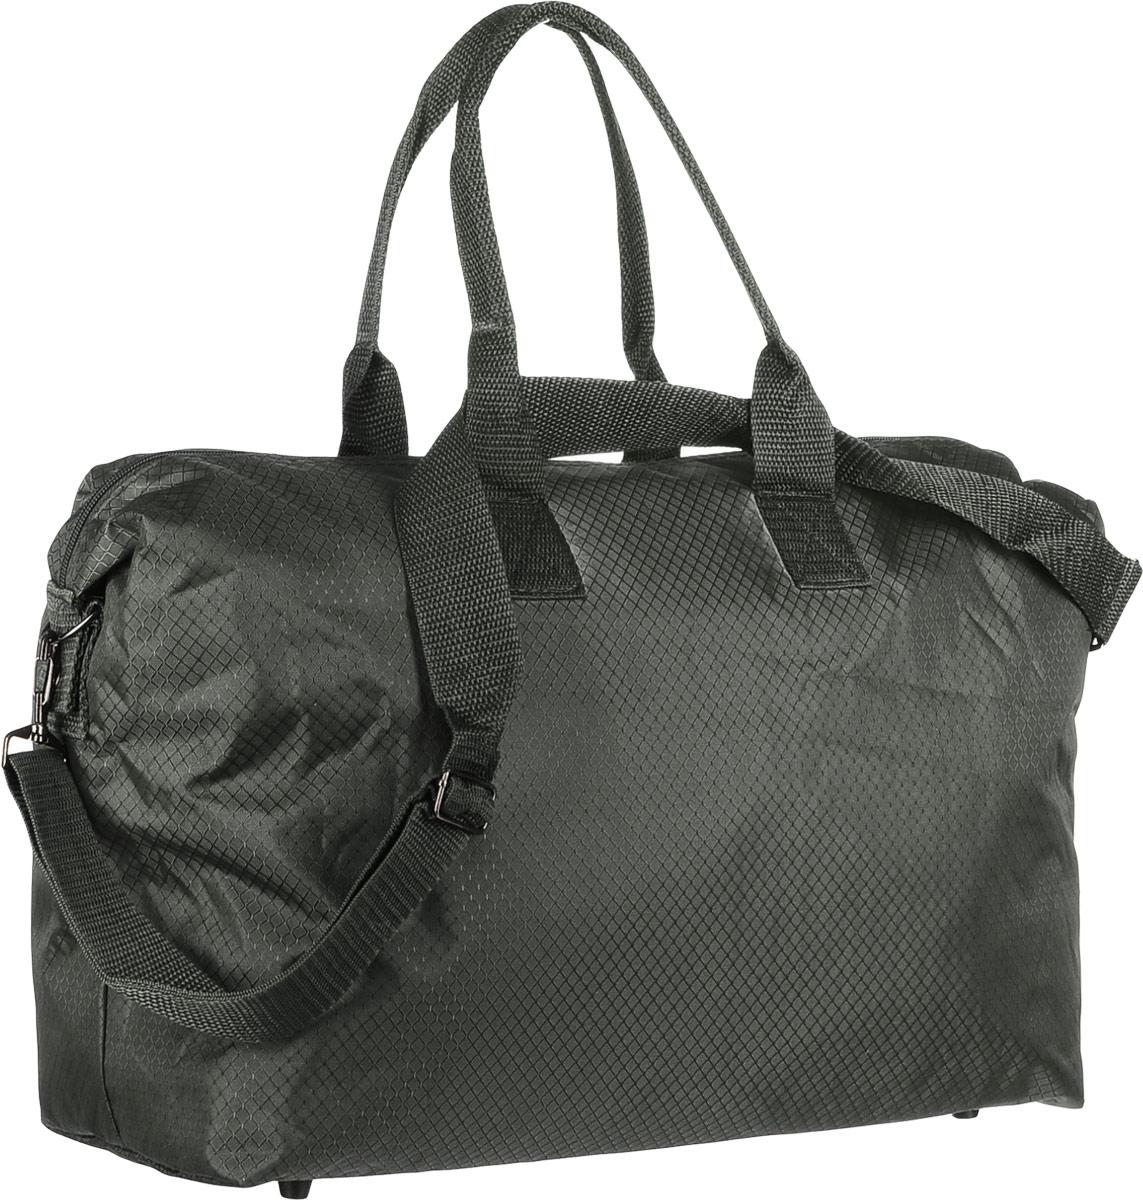 Сумка дорожная Sarabella, цвет: зеленый, 43 х 18 х 32 см. 1388688MABLSEH10001Дорожная сумка Sarabella выполнена из текстиля. Изделие оформлено принтом в клетку. Сумка оснащена двумя удобными ручками и съемным плечевым ремнем, длина которого регулируется с помощью пряжки. Изделие закрывается на застежку-молнию. Внутри расположено главное вместительное отделение с накладным карманом, закрывающимся на молнию. Дно сумки имеет жесткую вставку и пластиковые ножки.Размер сумки: 43 х 18 х 32 см.